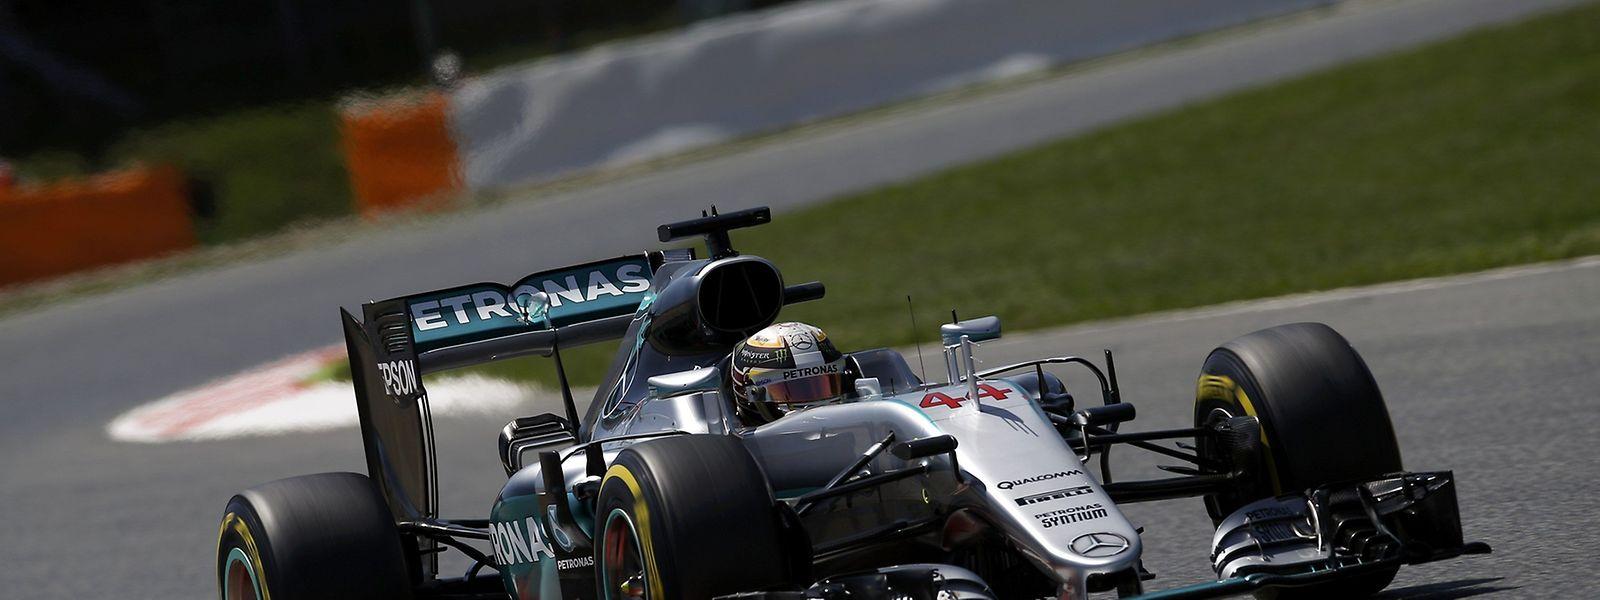 Weltmeister Lewis Hamilton war am Samstag einmal mehr das Maß aller Dinge.